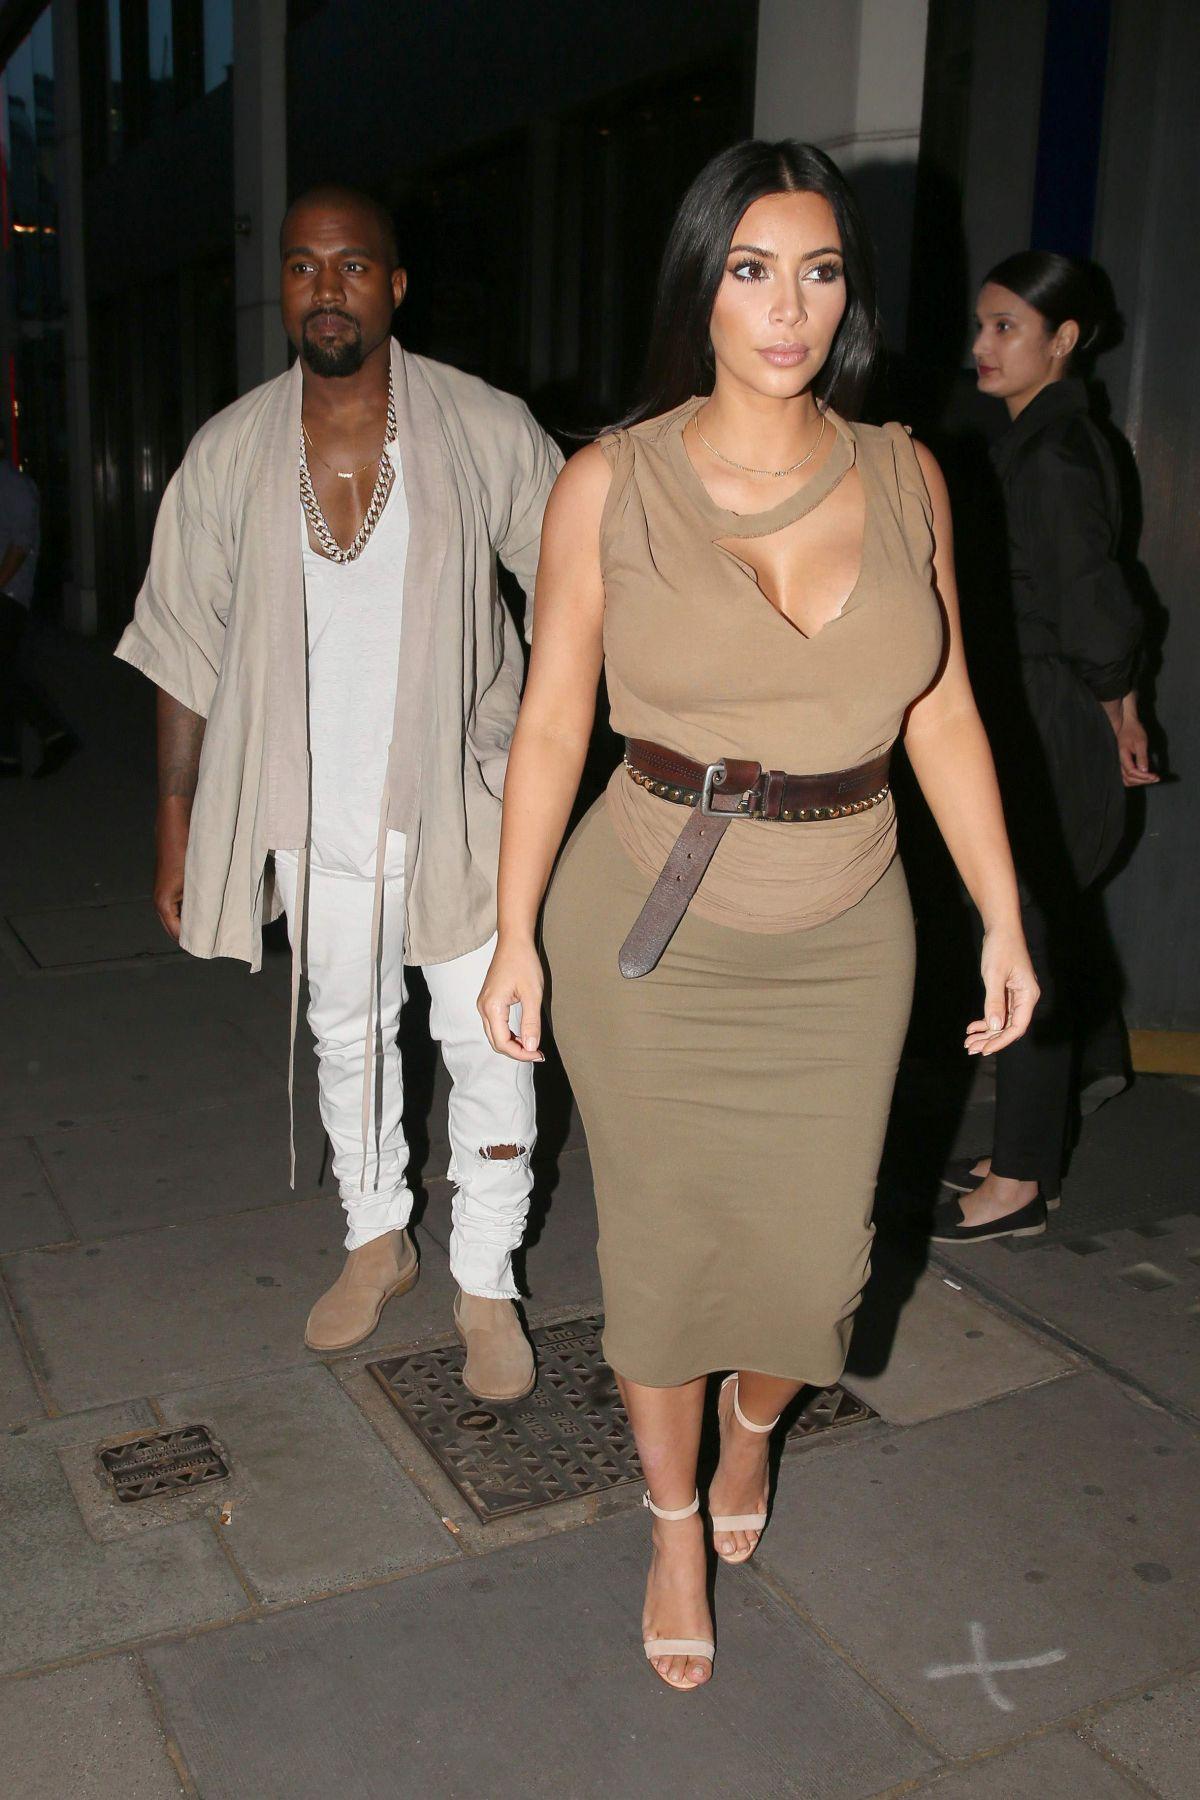 daf1e887 kim-kardashian-and-kanye-west-at-hakkasan-restaurant-06-25-2015_11 ...